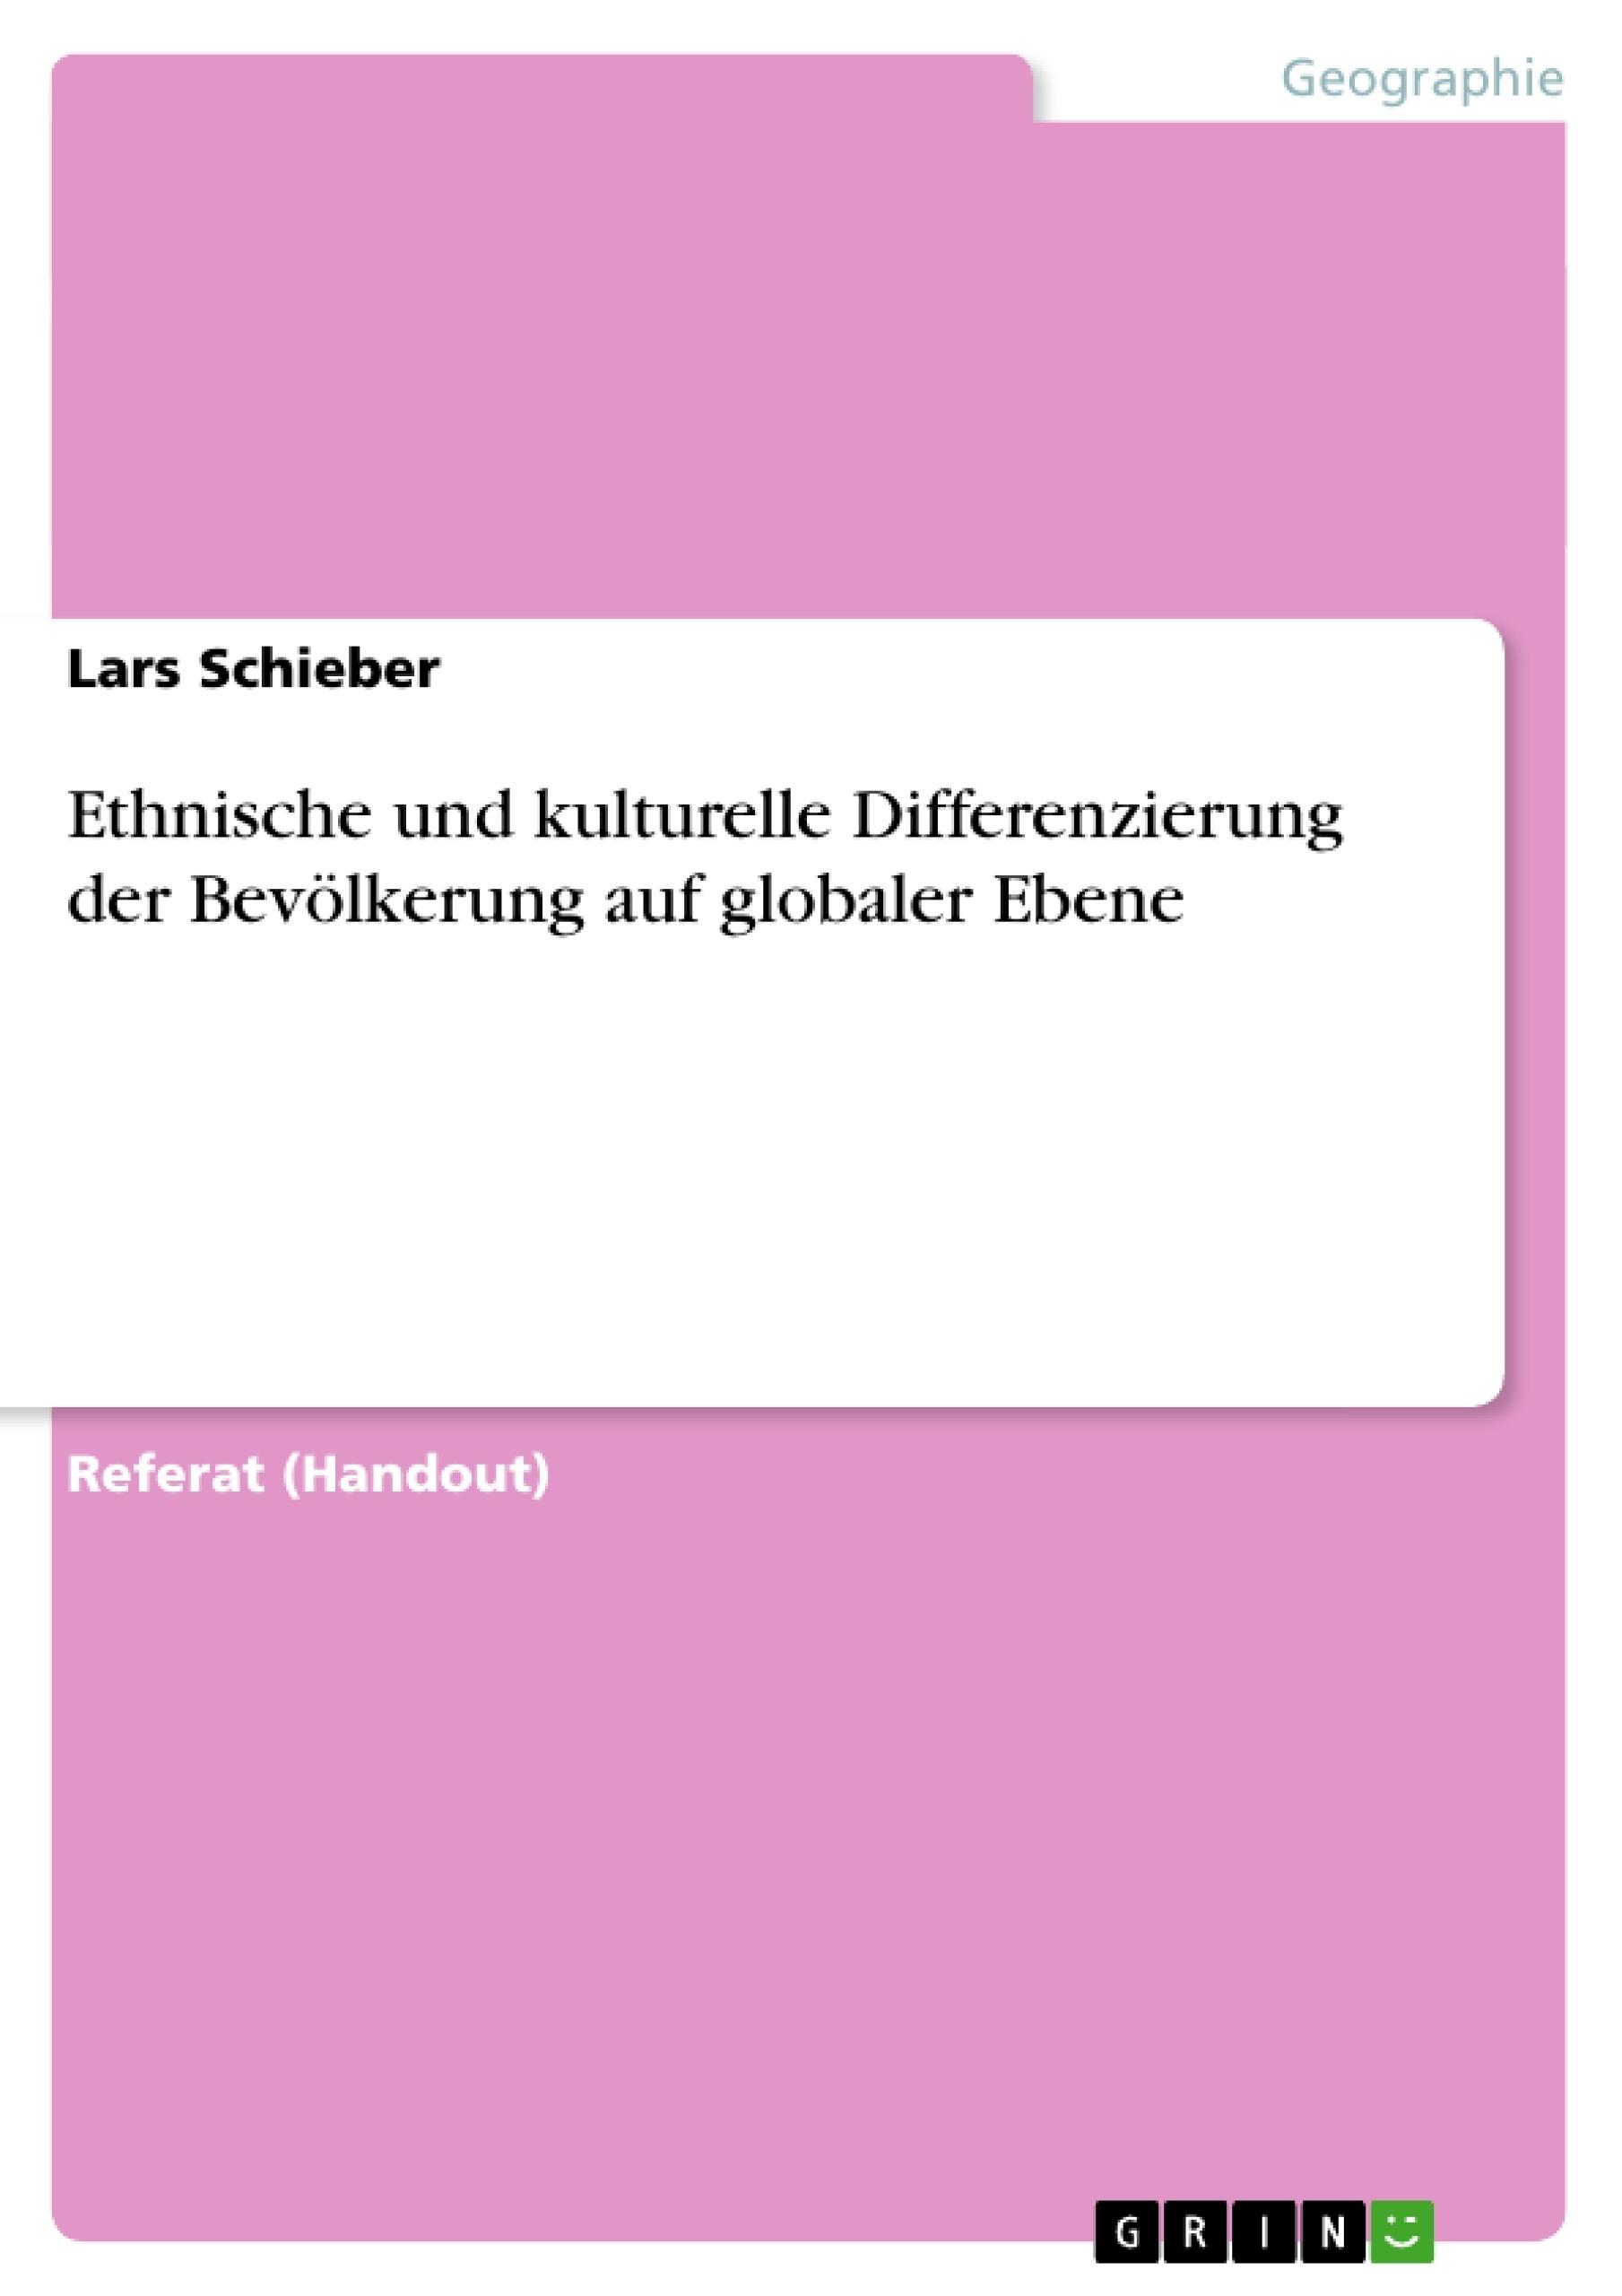 Titel: Ethnische und kulturelle Differenzierung der Bevölkerung auf globaler Ebene